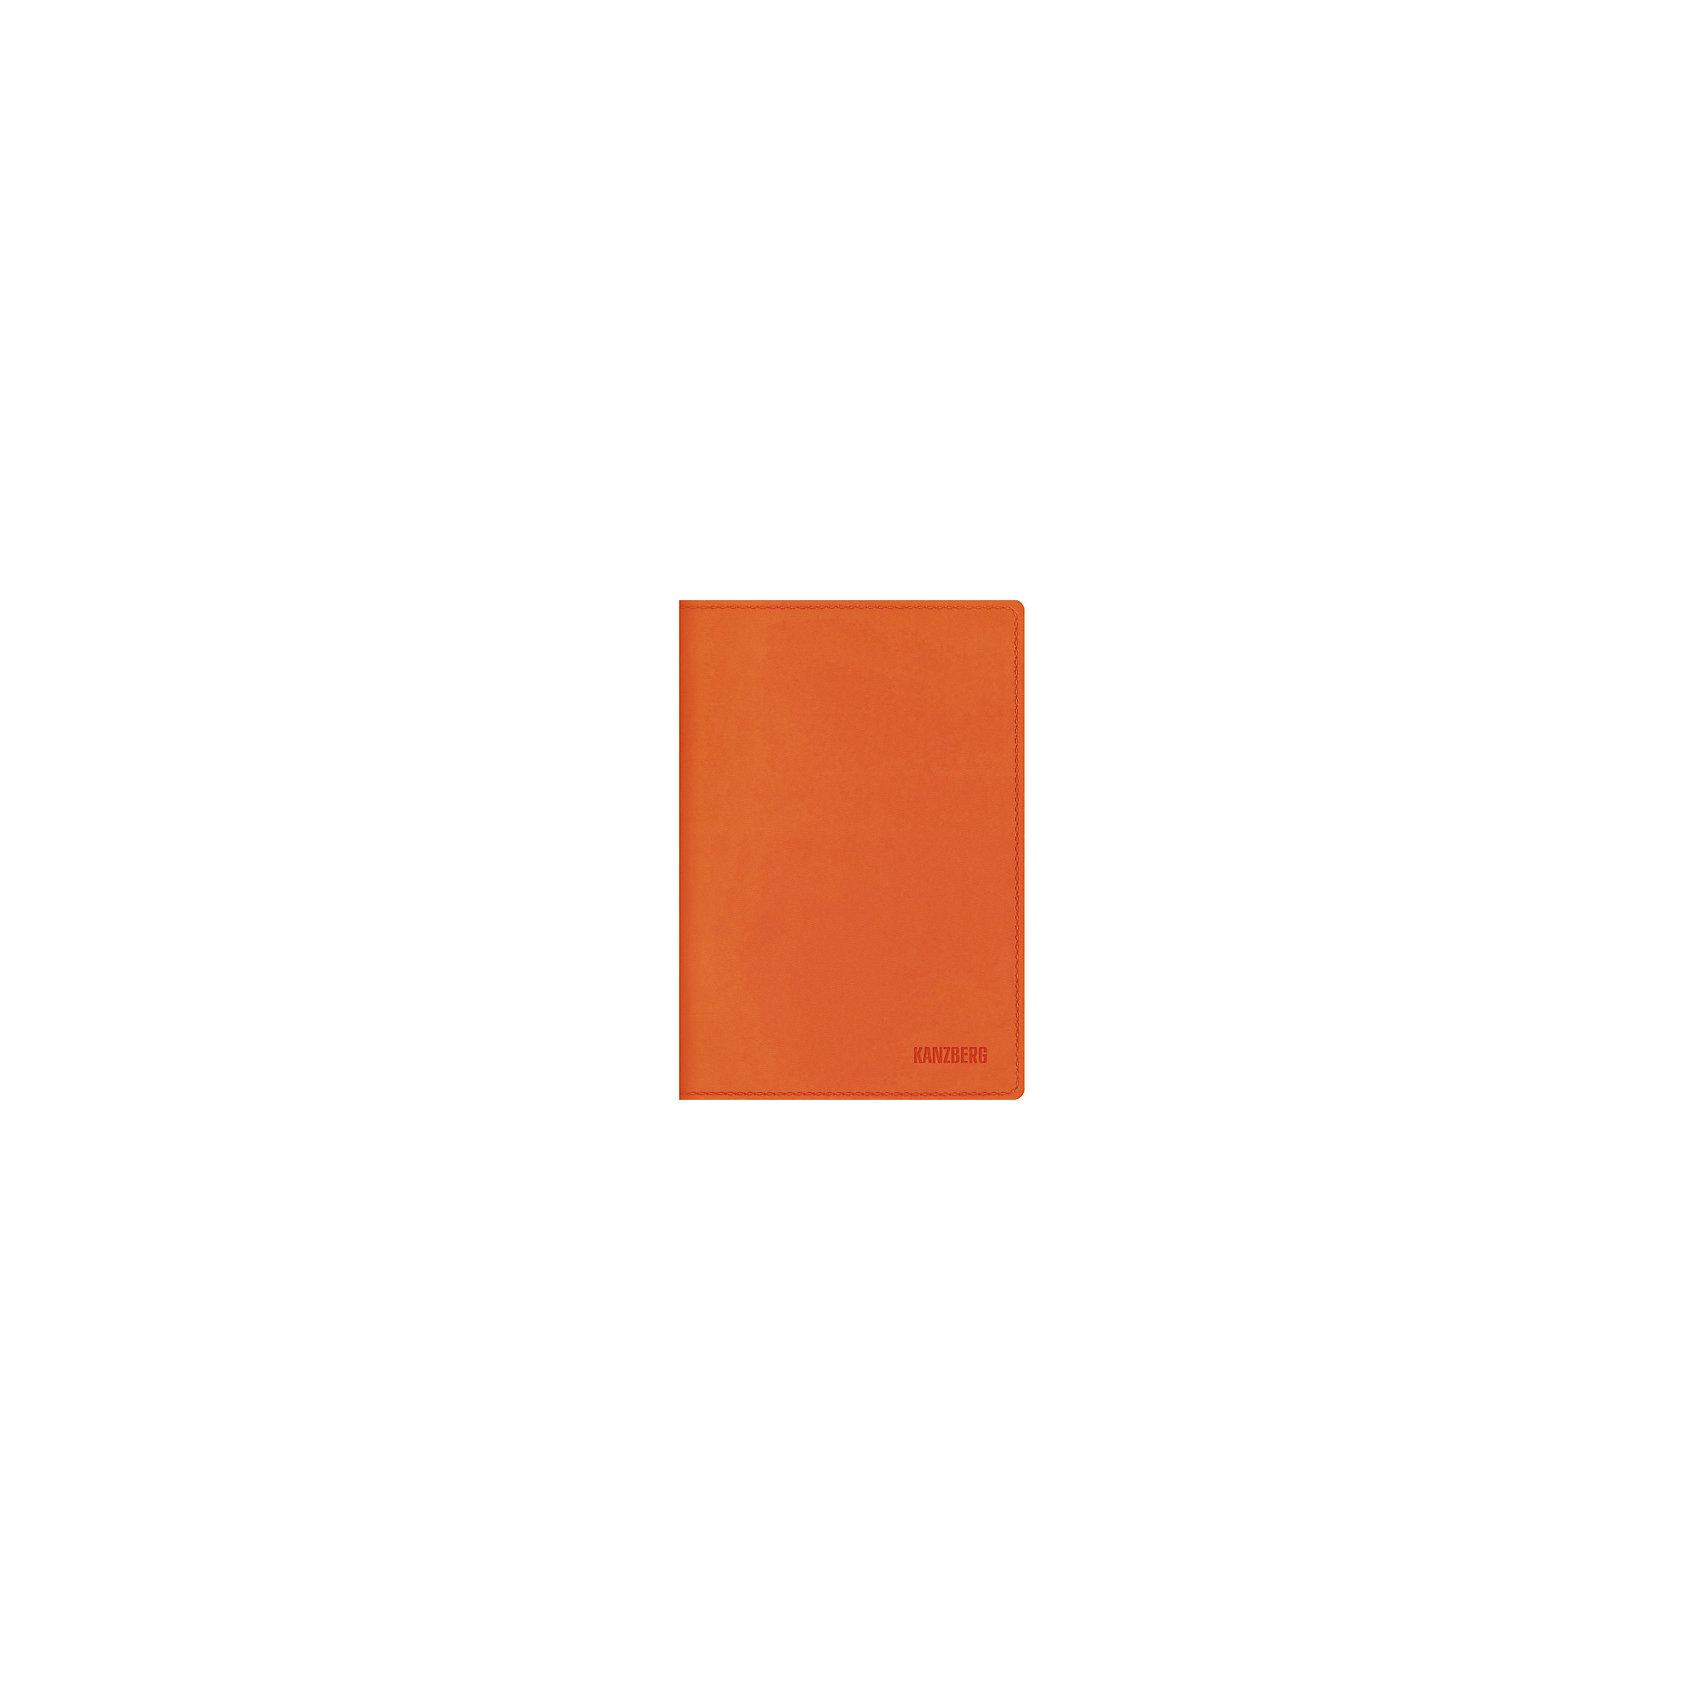 Ежедневник оранжевый А6 KANZBERG, 152 лЕжедневник KANZBERG с яркой обложкой из искусственной кожи поможет сохранить все важные записи и заметки. Имеет разлинованные страницы с полем для даты и дня недели, ляссе. Прекрасно подойдет для школьников!<br><br>Дополнительная информация:<br>Цвет: оранжевый<br>Формат: А6<br>Количество листов: 152<br>Обложка: искусственная кожа<br>Есть ляссе<br>Закругленные уголки<br>Термотиснение<br>Переплет: интегральный<br>Ежедневник KANZBERG можно купить в нашем интернет-магазине<br><br>Ширина мм: 148<br>Глубина мм: 105<br>Высота мм: 20<br>Вес г: 207<br>Возраст от месяцев: 144<br>Возраст до месяцев: 2147483647<br>Пол: Унисекс<br>Возраст: Детский<br>SKU: 4942456